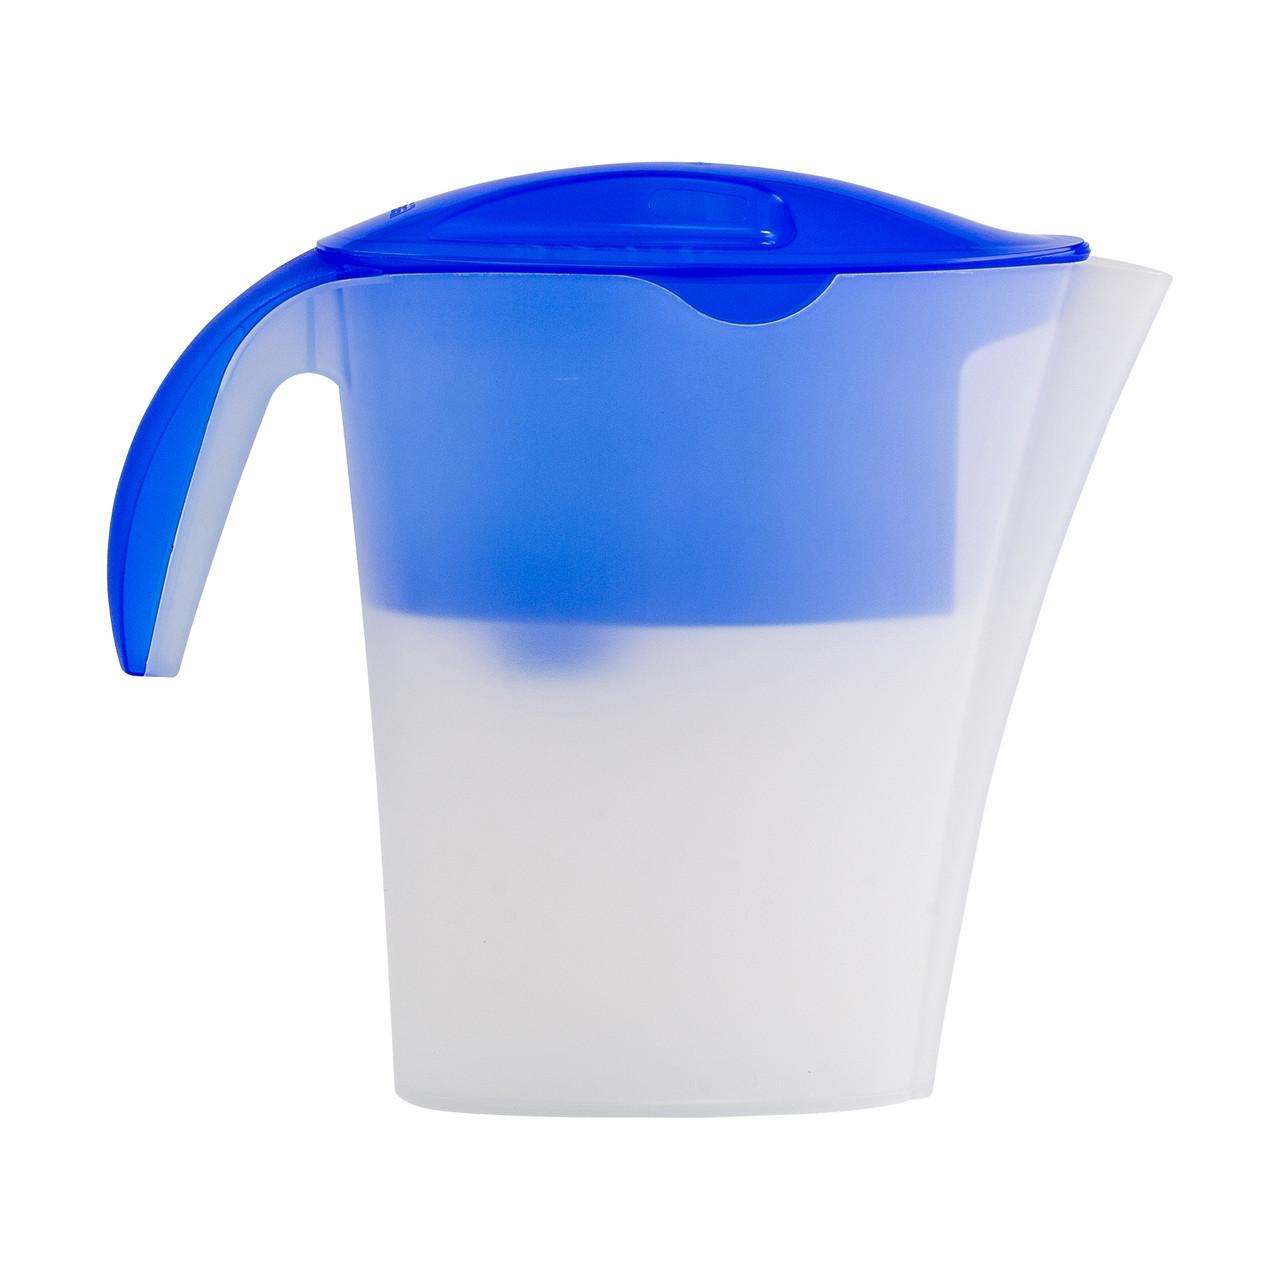 Фильтр кувшин Макарыч для очистки самогона